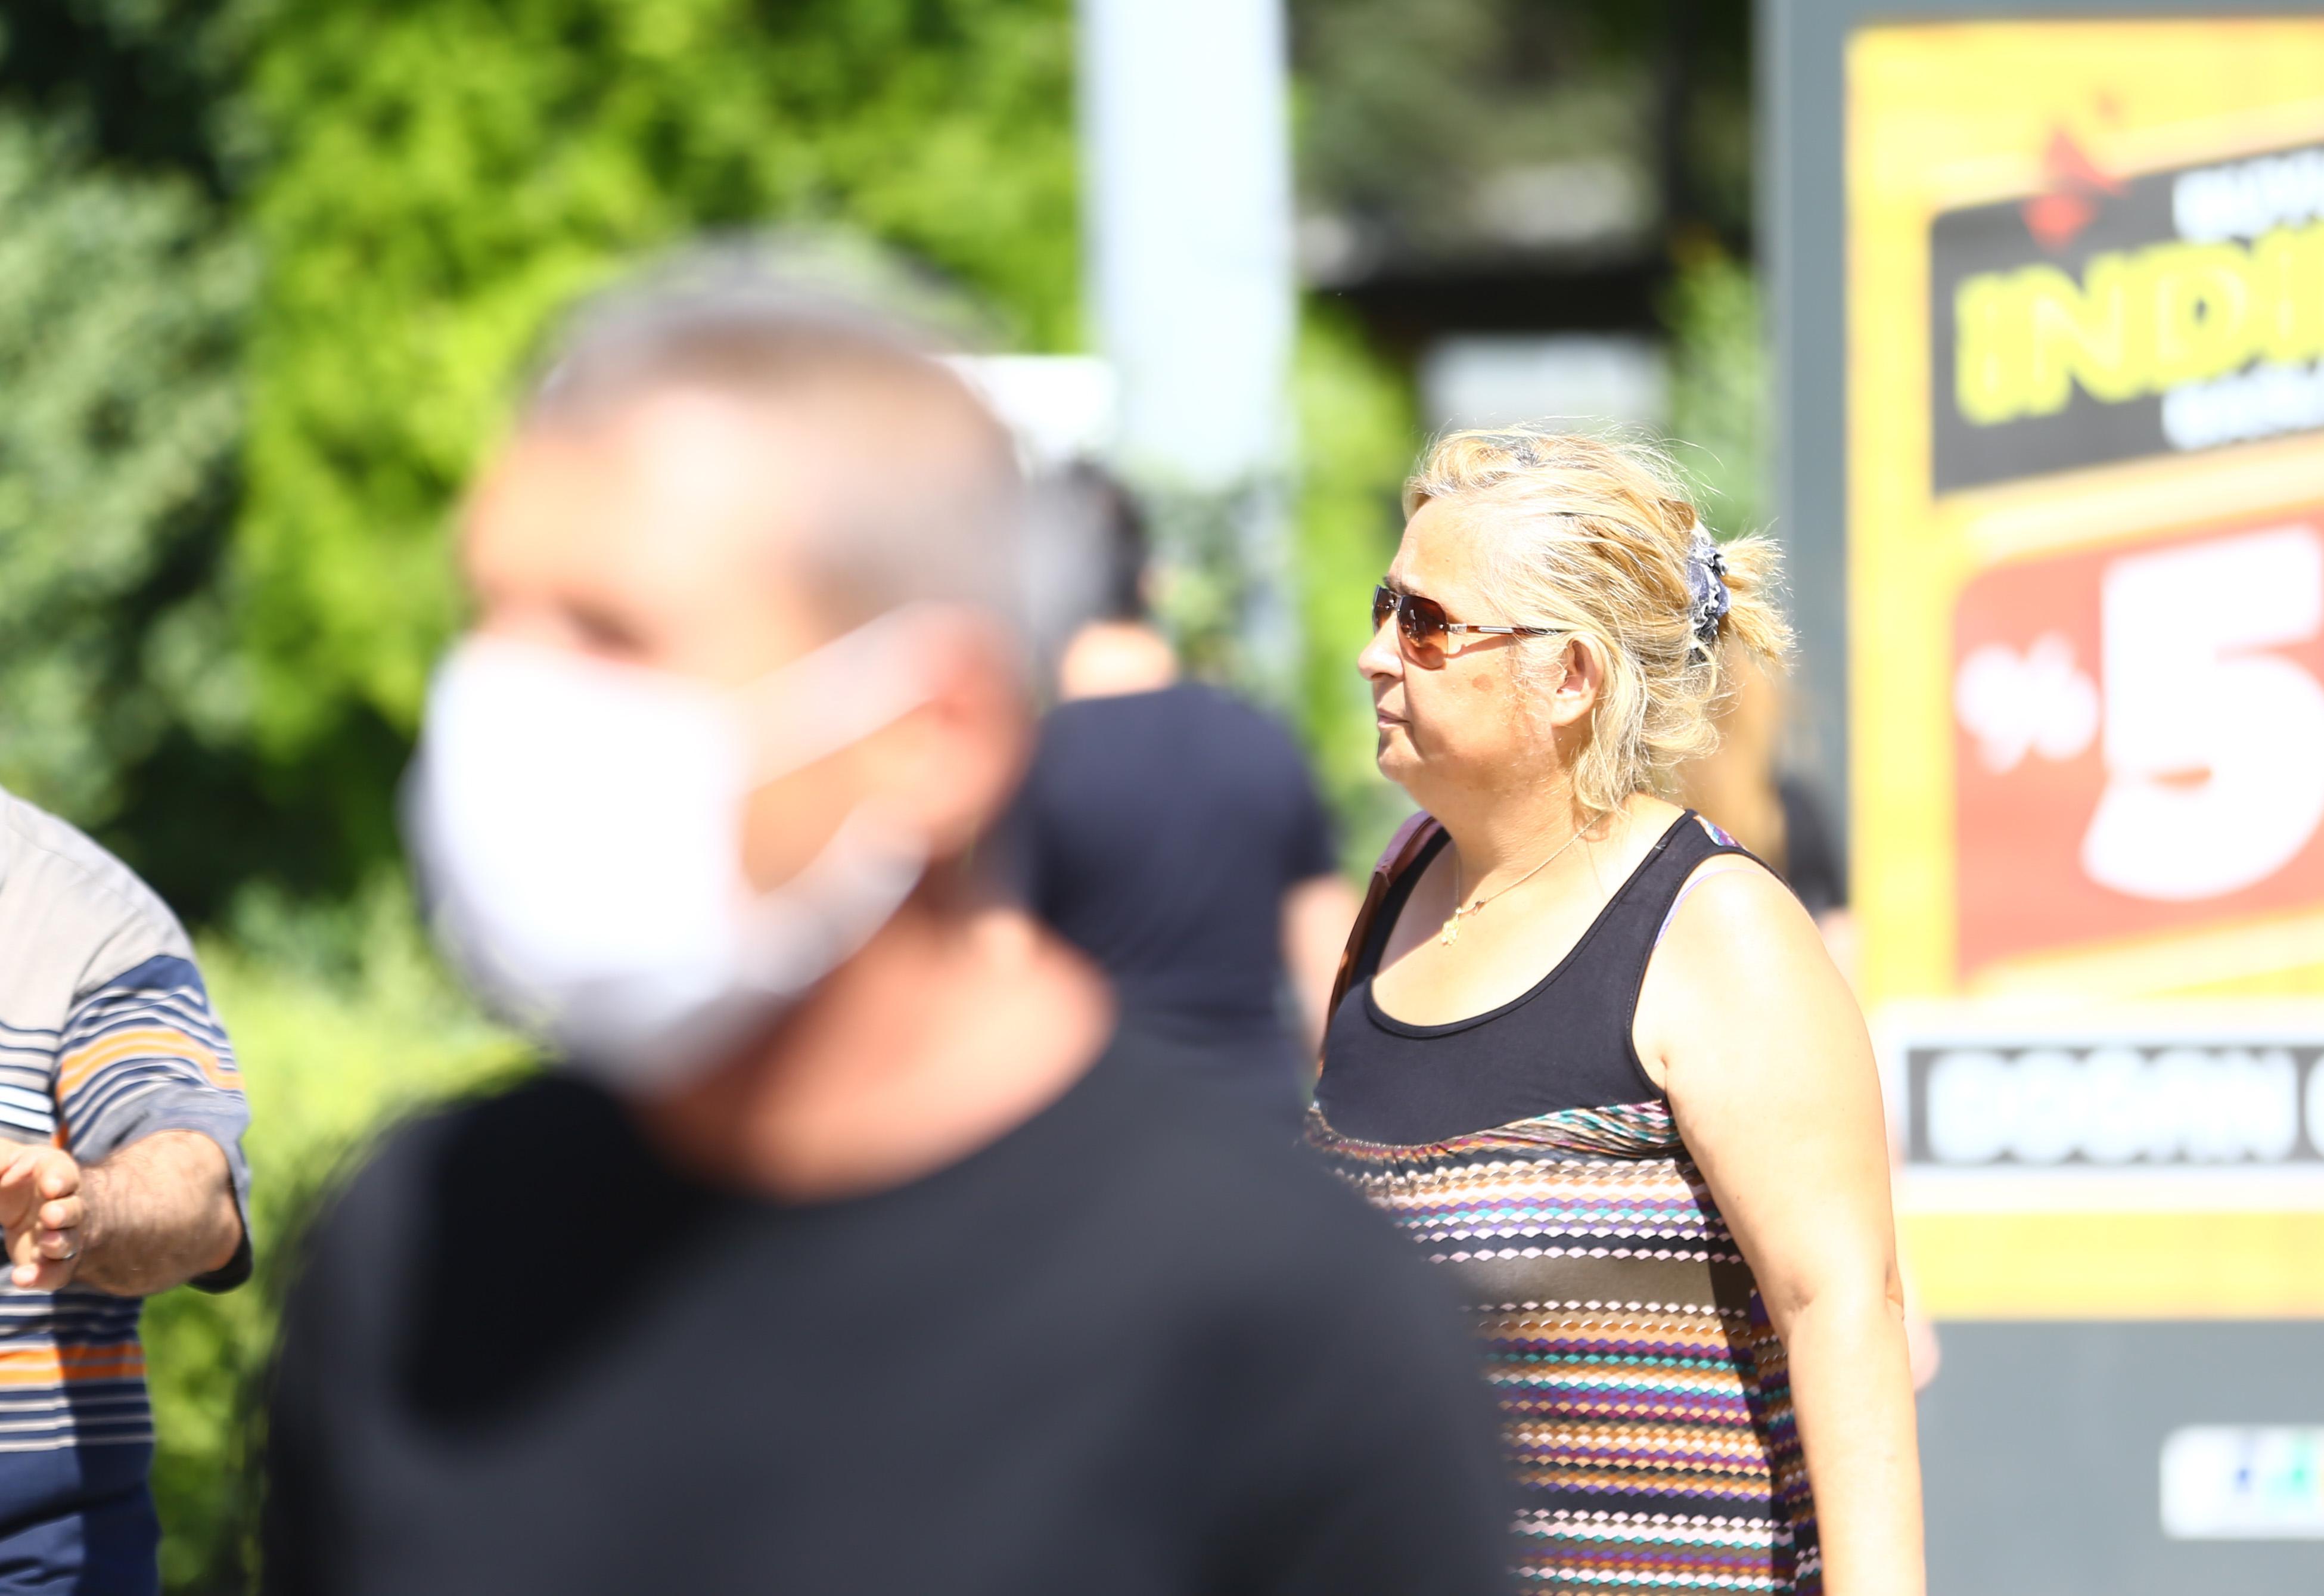 zorunlu-hale-getirilmesine-ragmen-bazi-vatandaslarin-maske-takmamasi-kameralara-yansidi.jpg